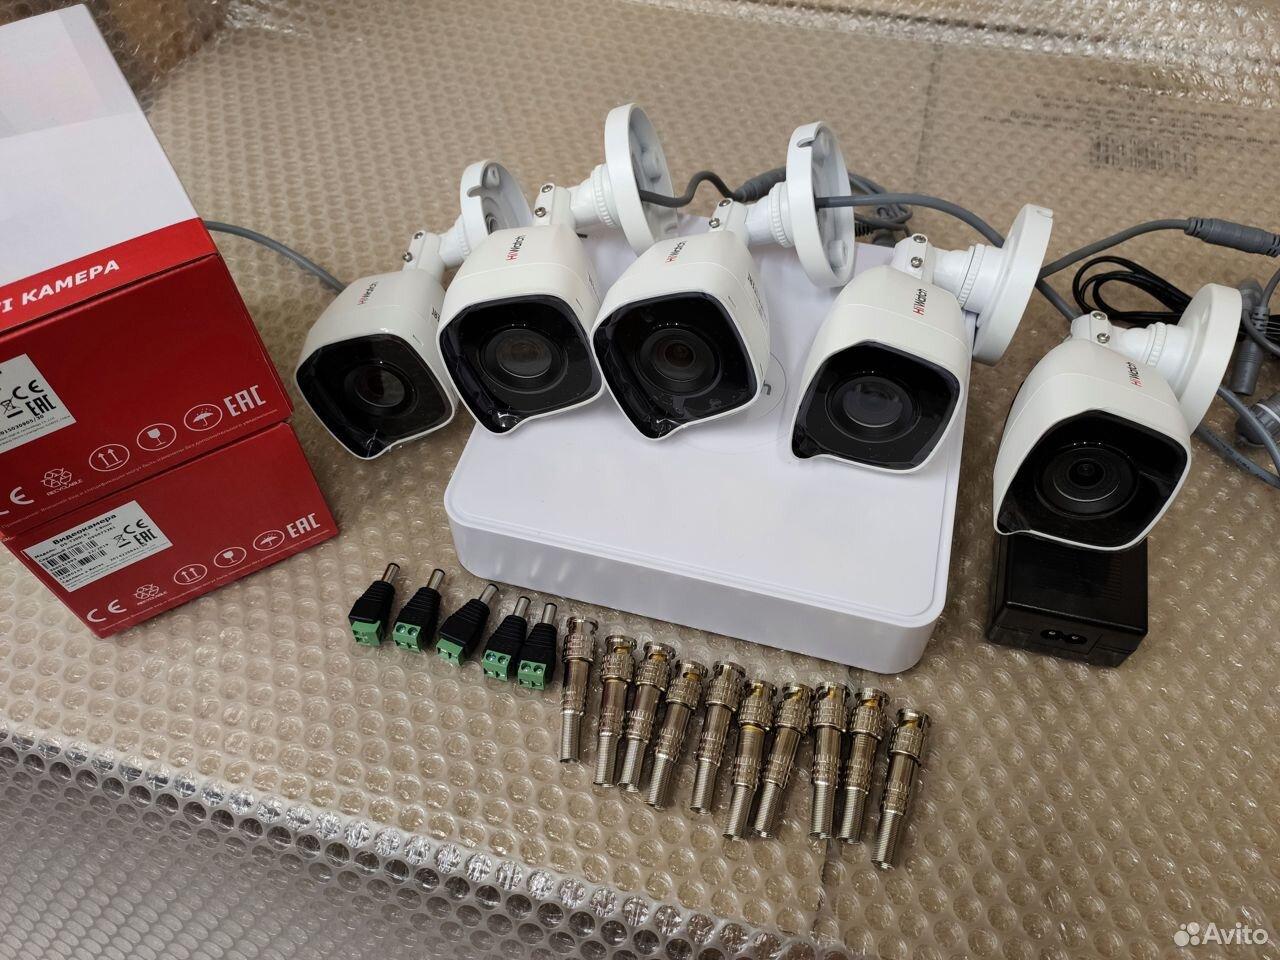 Комплект видеонаблюдения 7 камер HiWatch